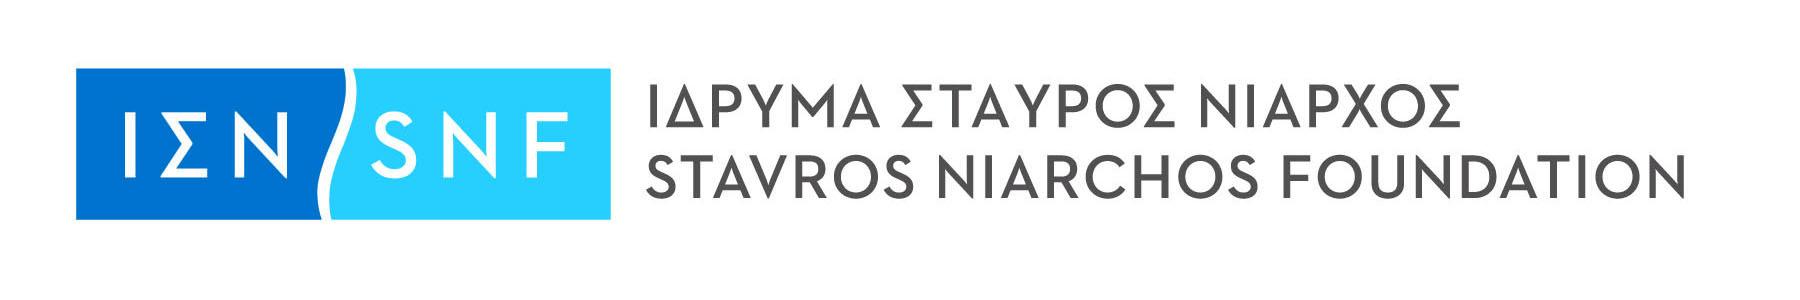 Ίδρυμα Σταύρος Νιάρχος